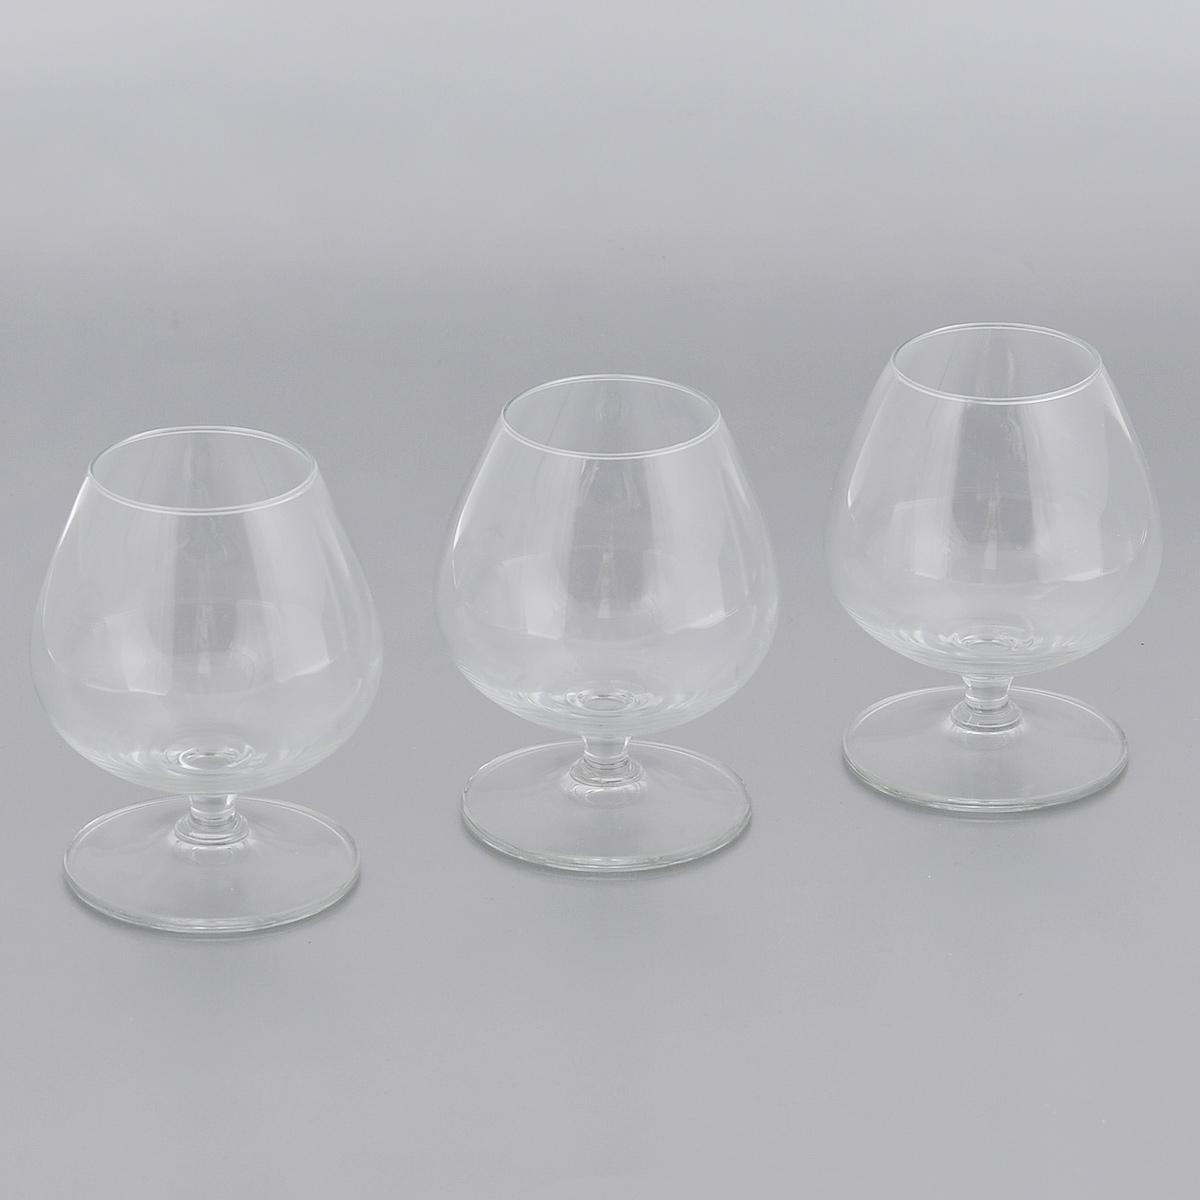 Набор бокалов для бренди Royal Leerdam Clarity, 250 мл, 3 шт322187Набор Royal Leerdam Clarity состоит из 3 бокалов, выполненных из высококачественного стекла. Бокалы предназначены для бренди. Набор бокалов прекрасно оформит сервировку стола и создаст в доме атмосферу праздника и уюта. Можно мыть в посудомоечной машине.